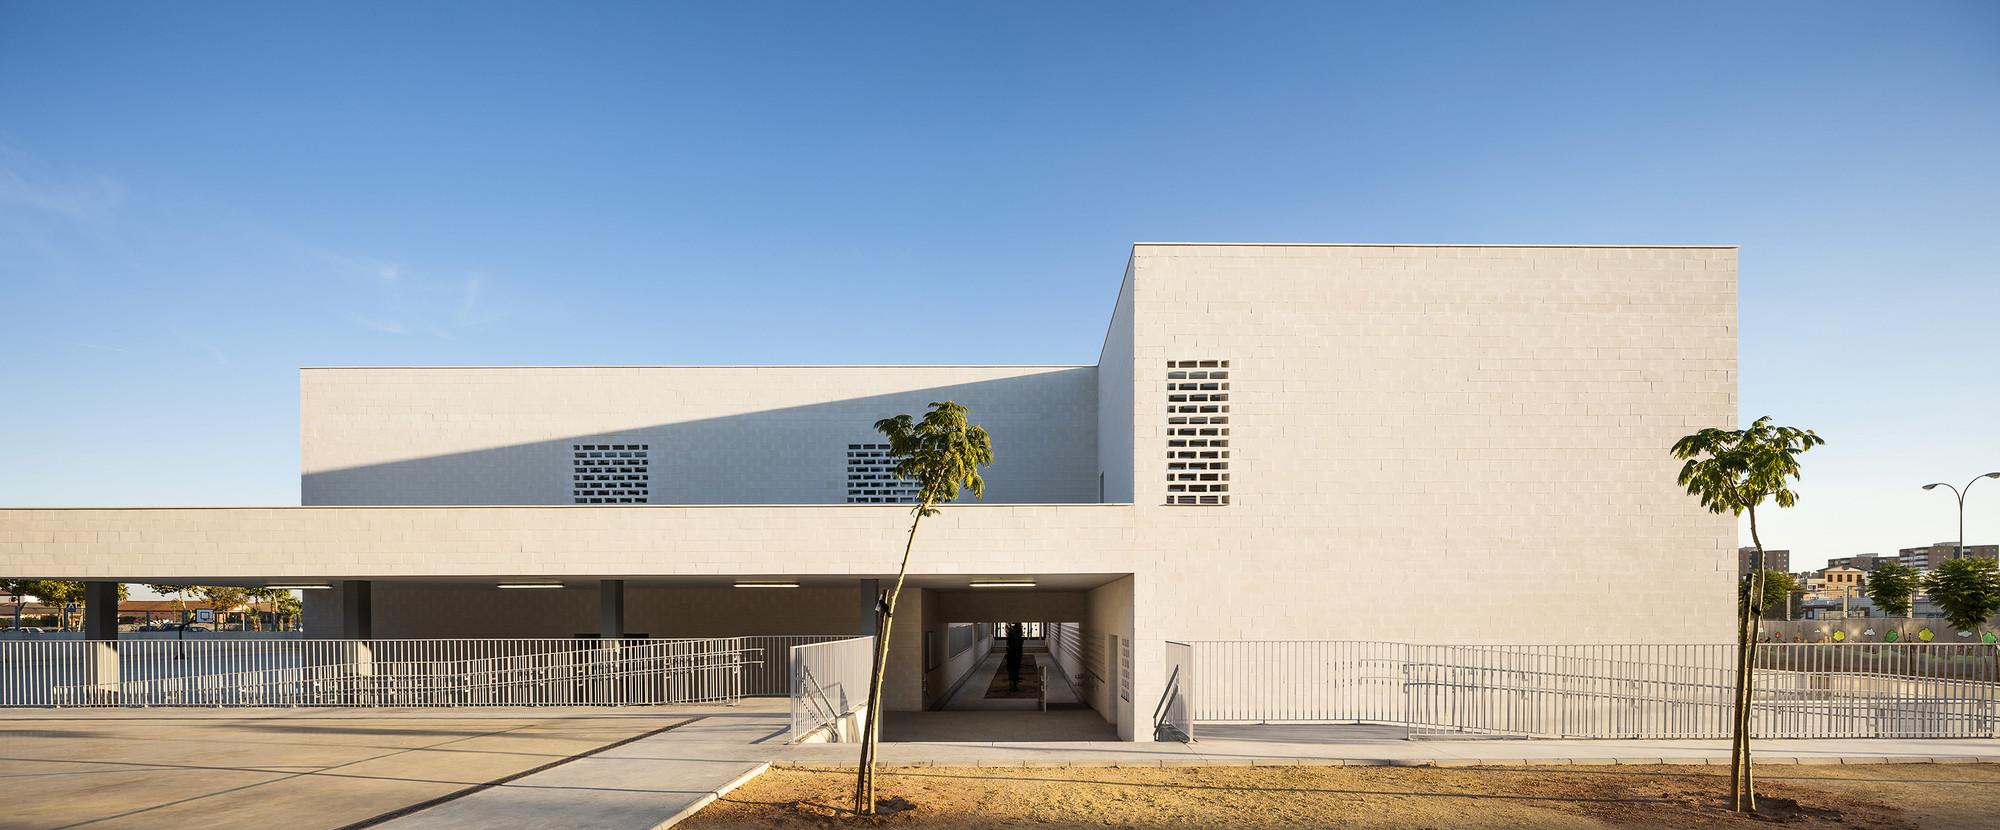 New Public Nursery and Primary School in Seville / UNIA Arquitectos, © Fernando Alda